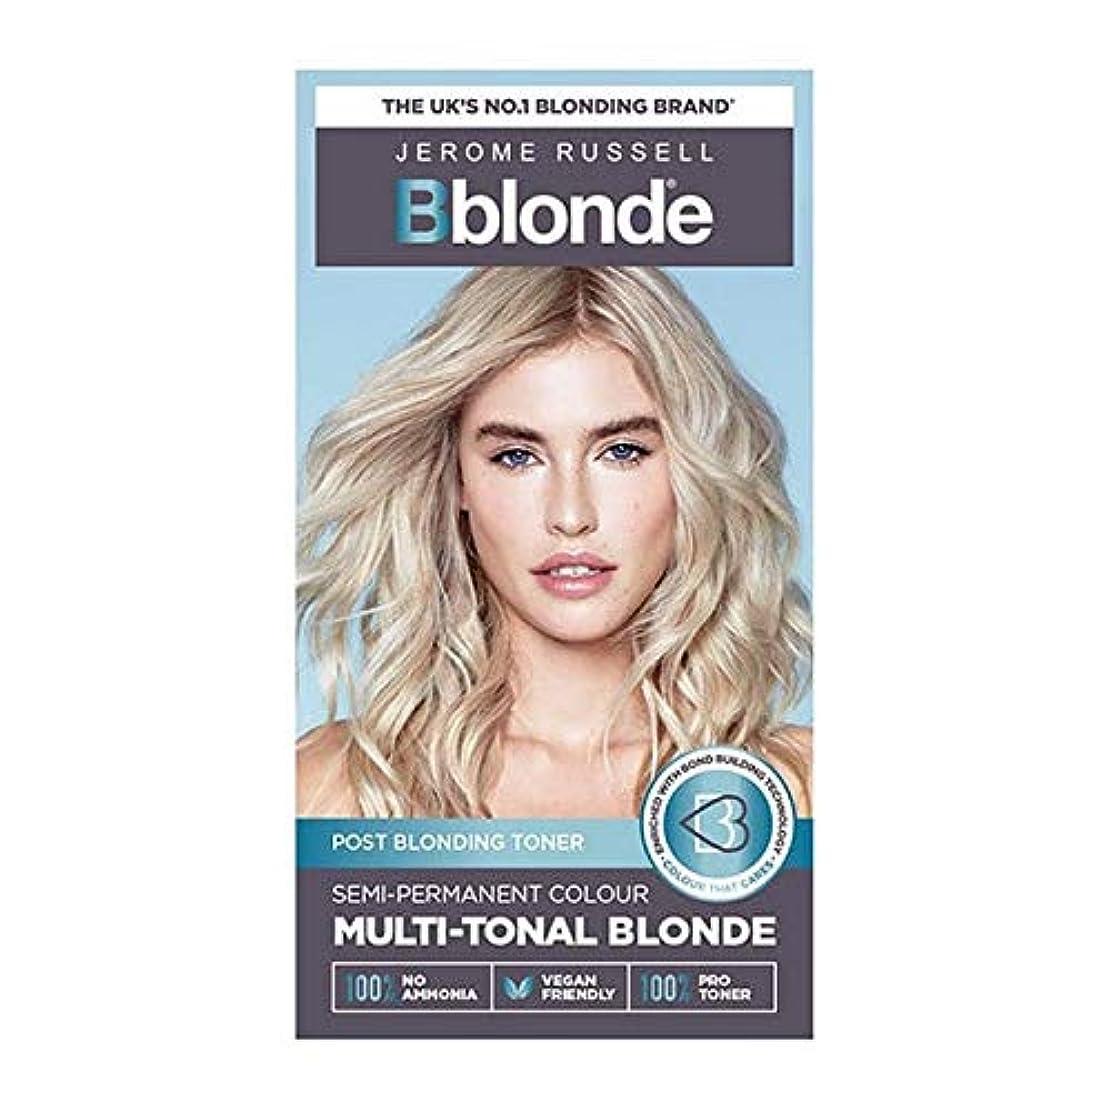 明るくする合法付与[Jerome Russell ] ジェロームラッセルBblondeセミパーマネントトナー媒体ブロンド - Jerome Russell Bblonde Semi Permanent Toner Medium Blonde...